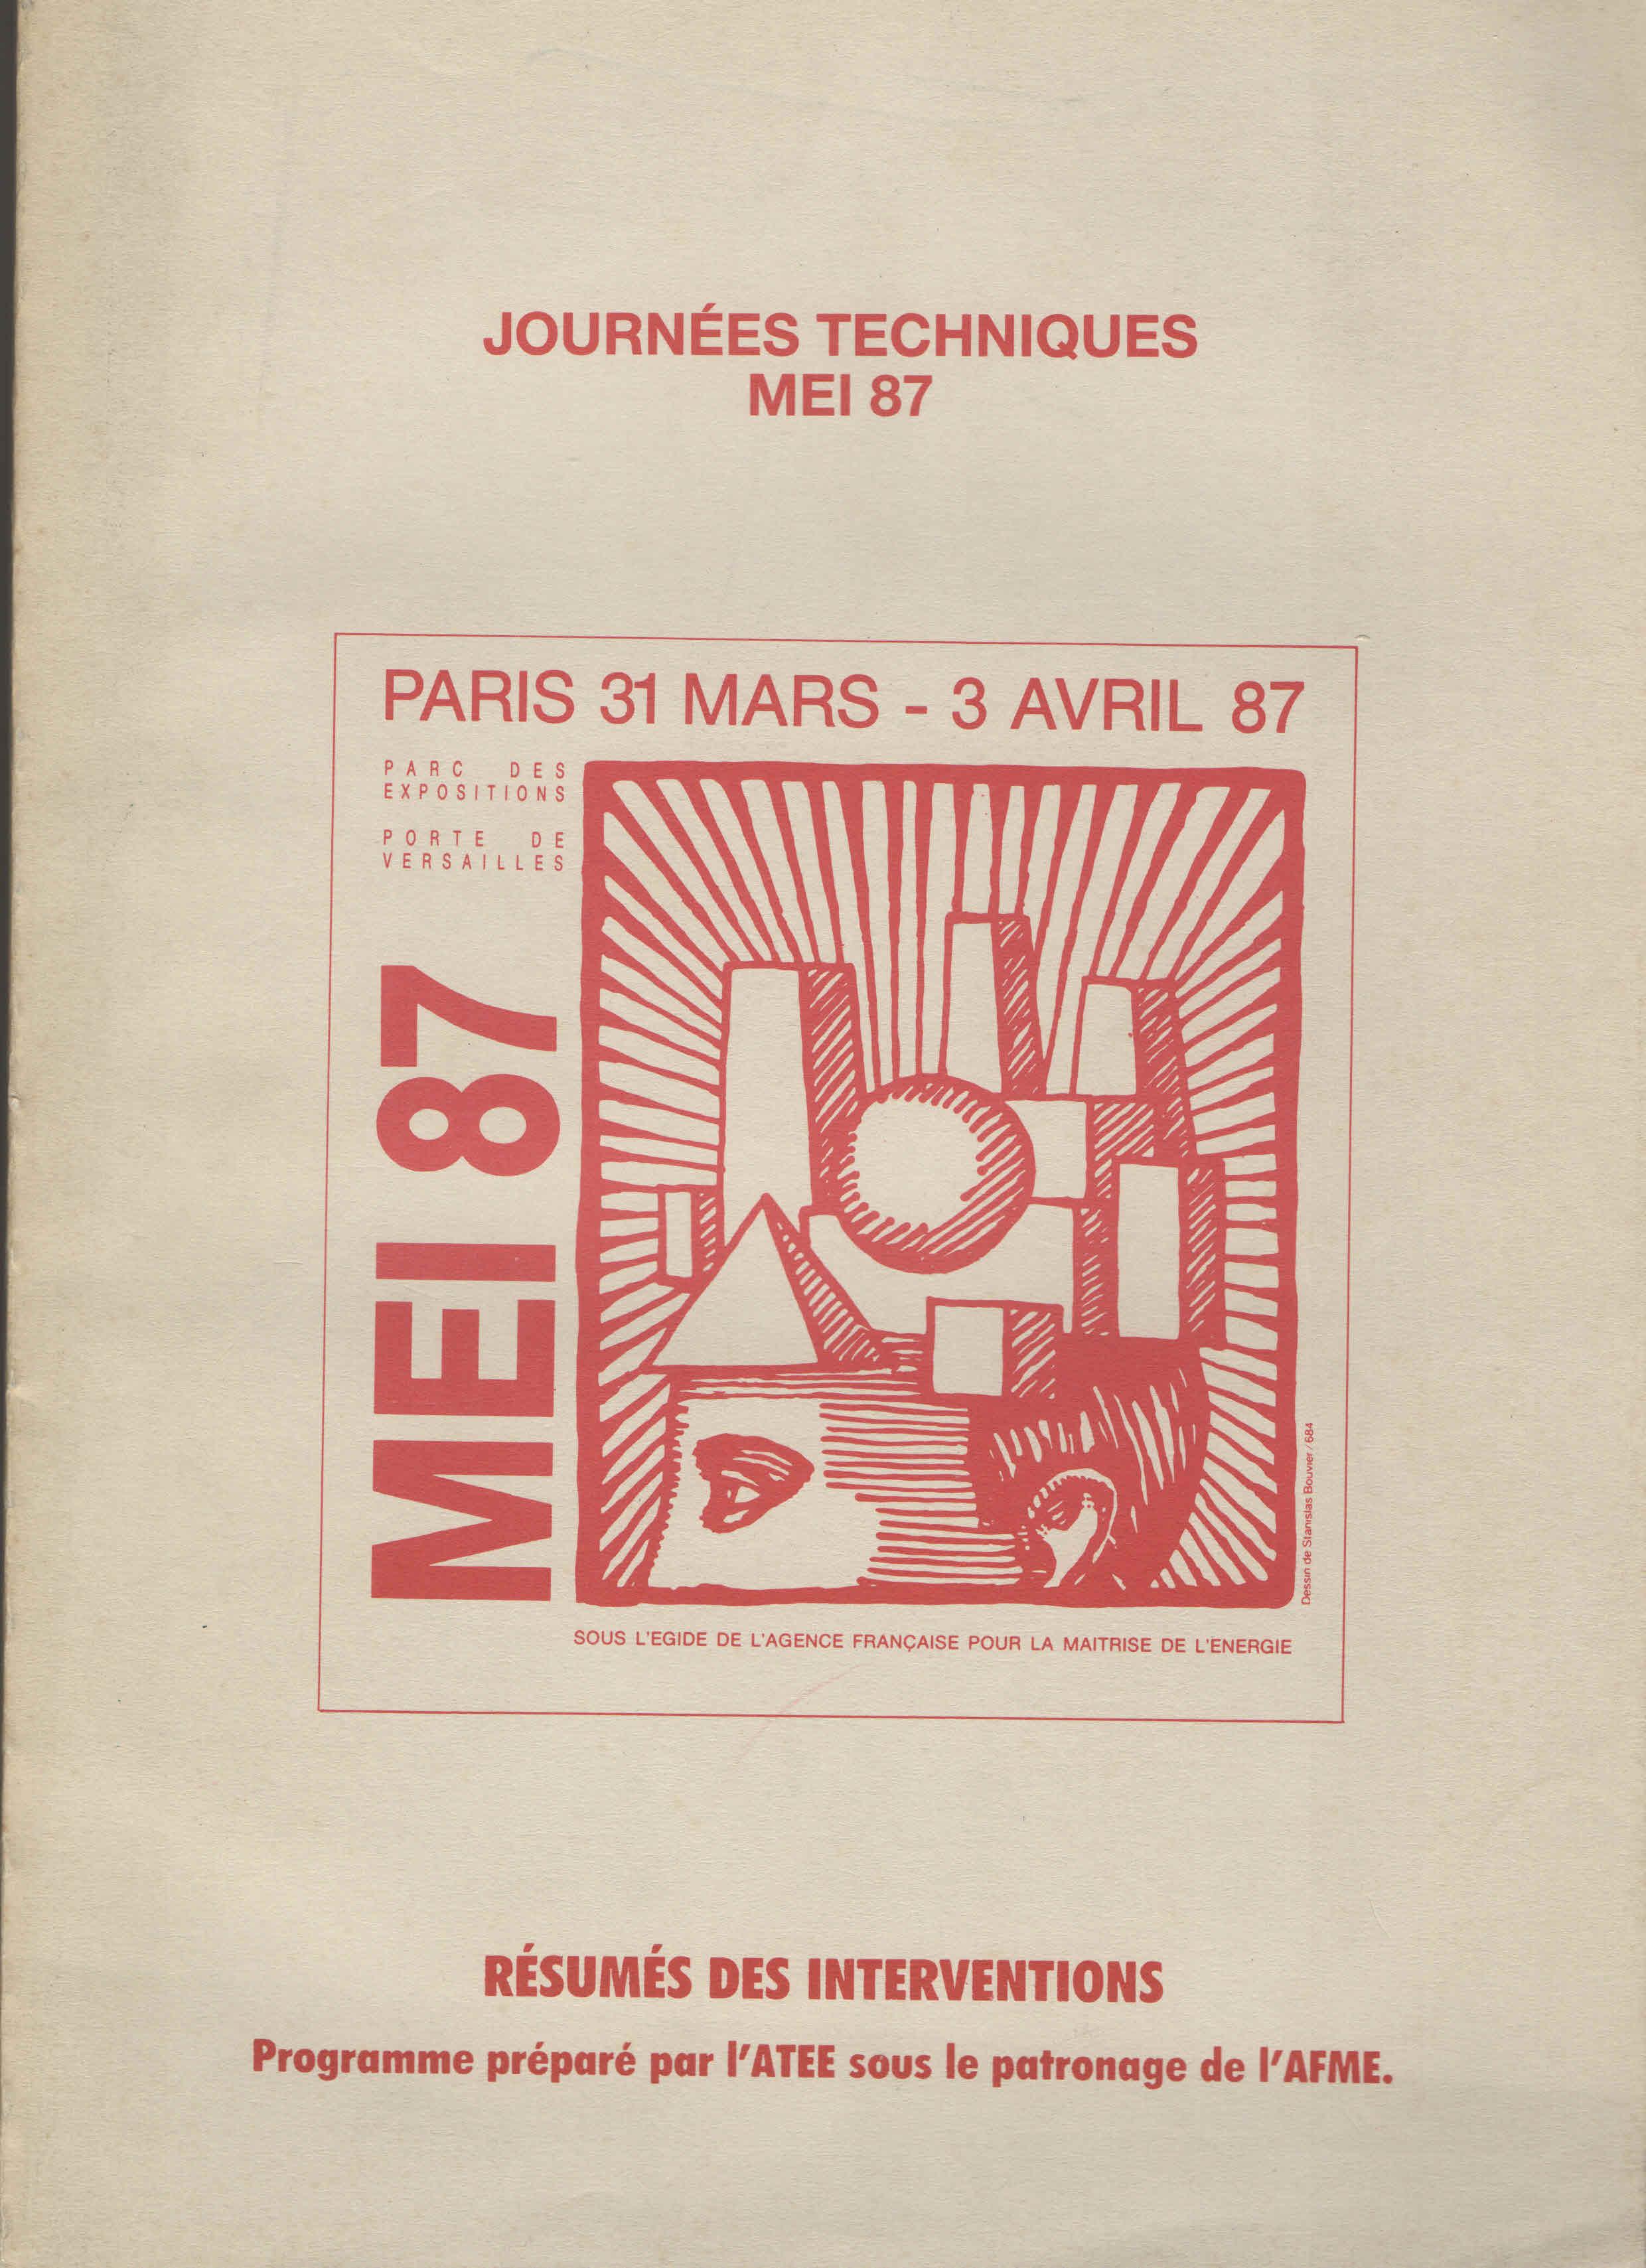 MEI 87 - Le salon de la Maîtrise de l'Enrgie dans l'Industrie